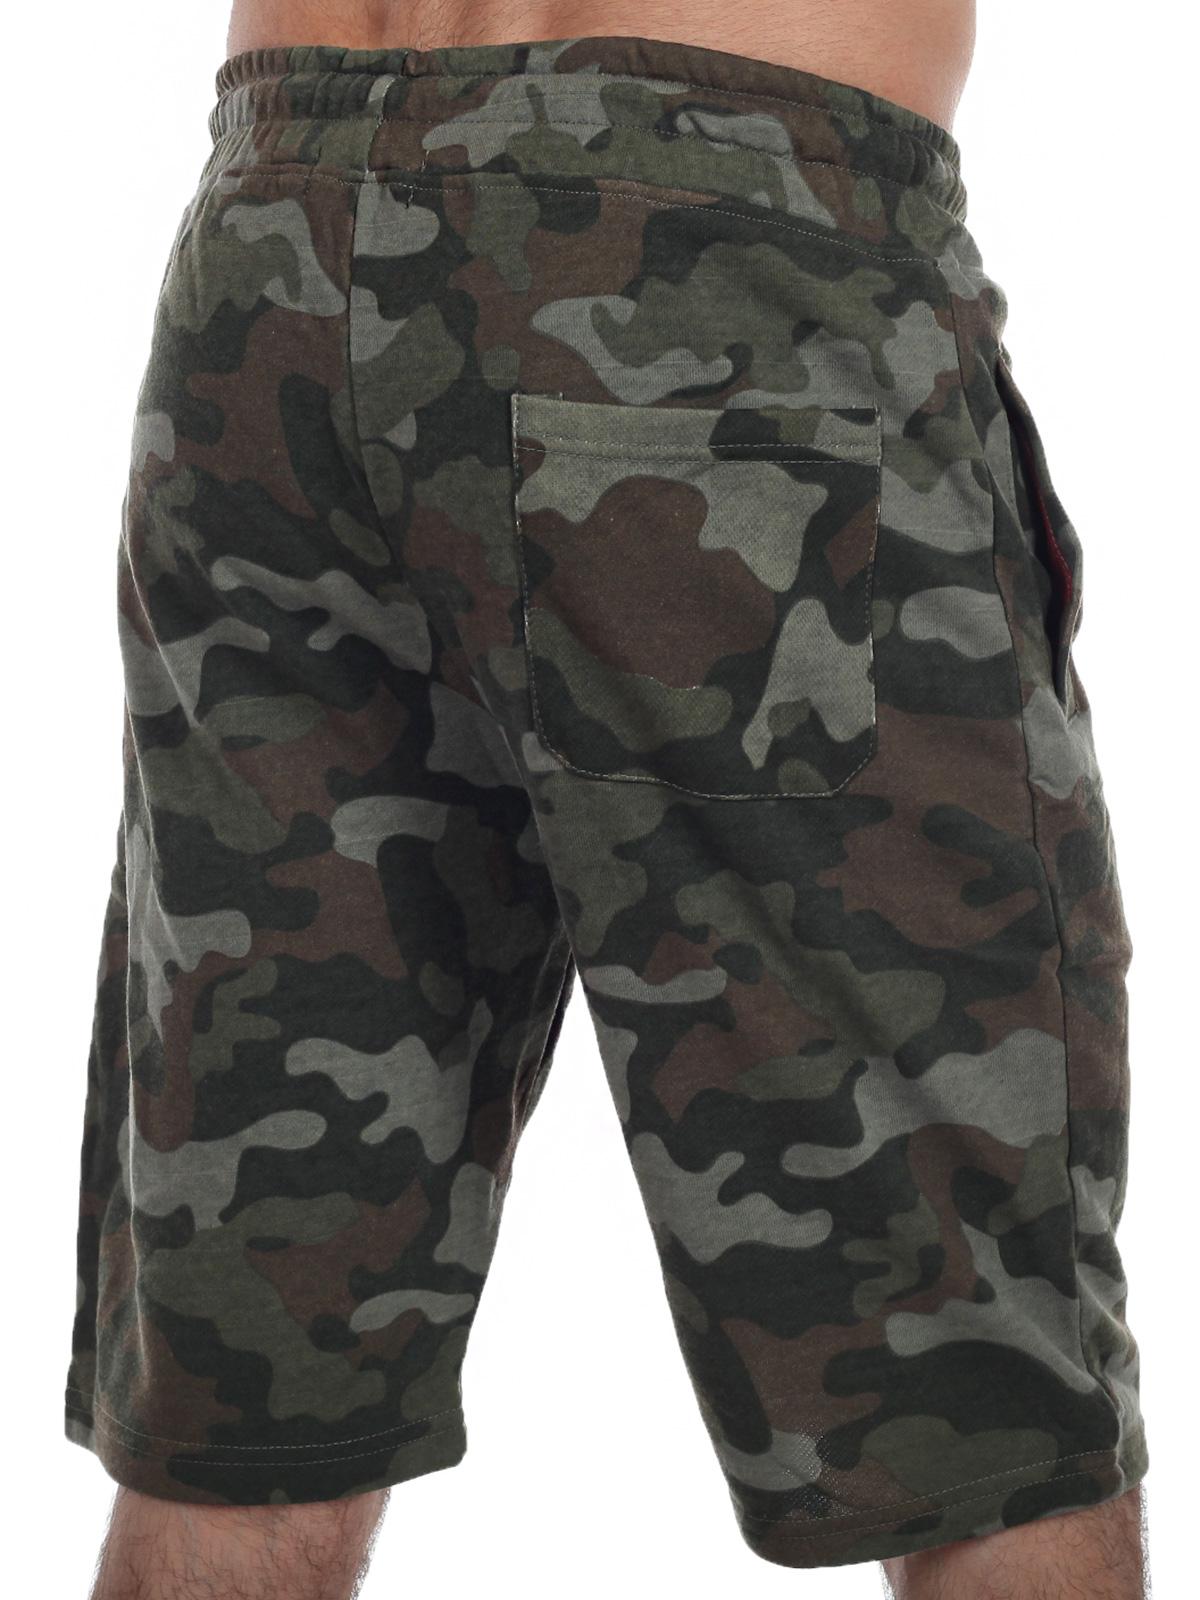 Армейские мужские шорты нашивкой ВКС - купить выгодно